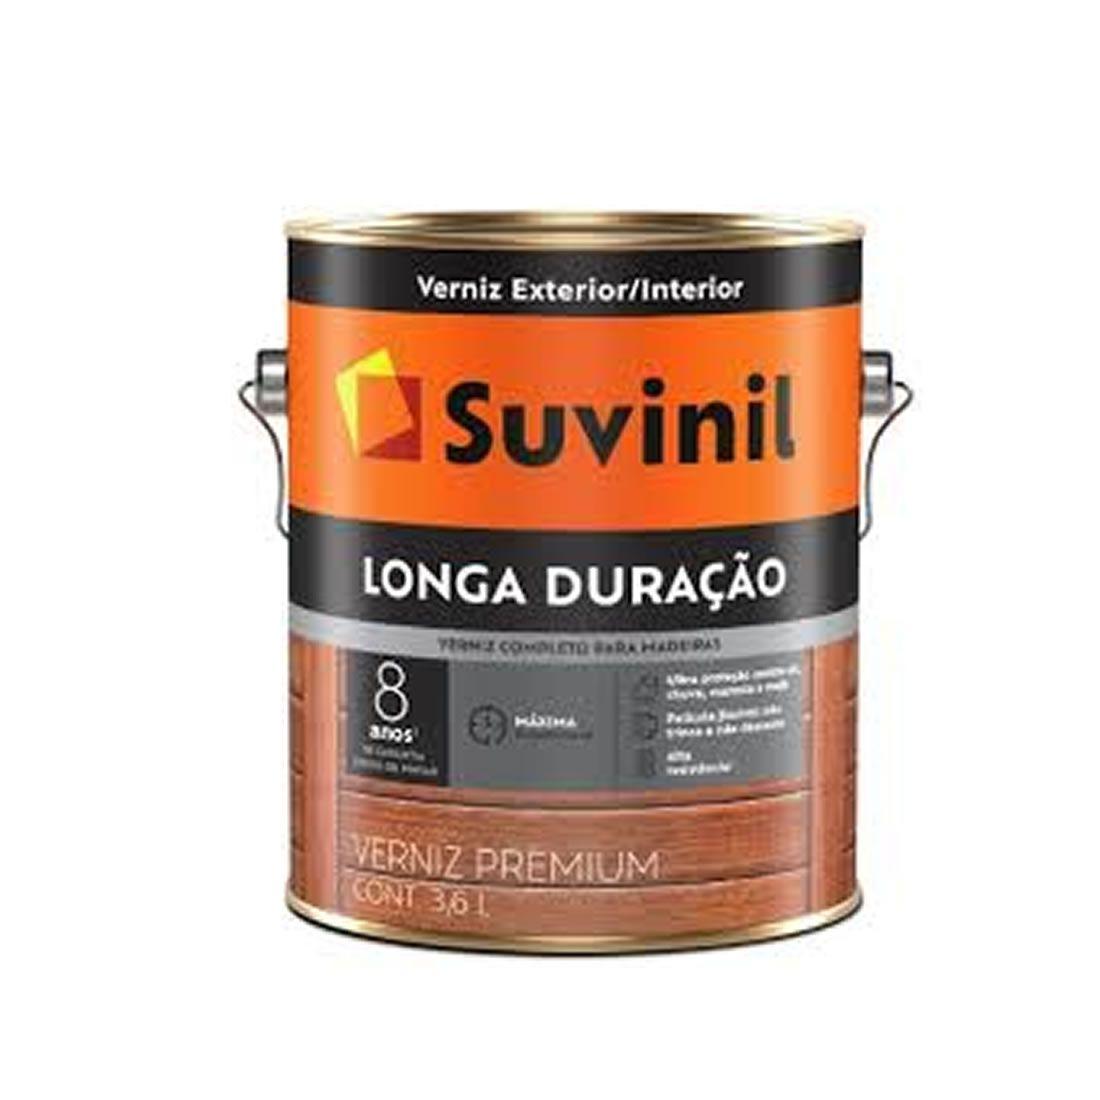 Verniz Suvinil Longa Duração Natural Brilhante 3,6 Litros